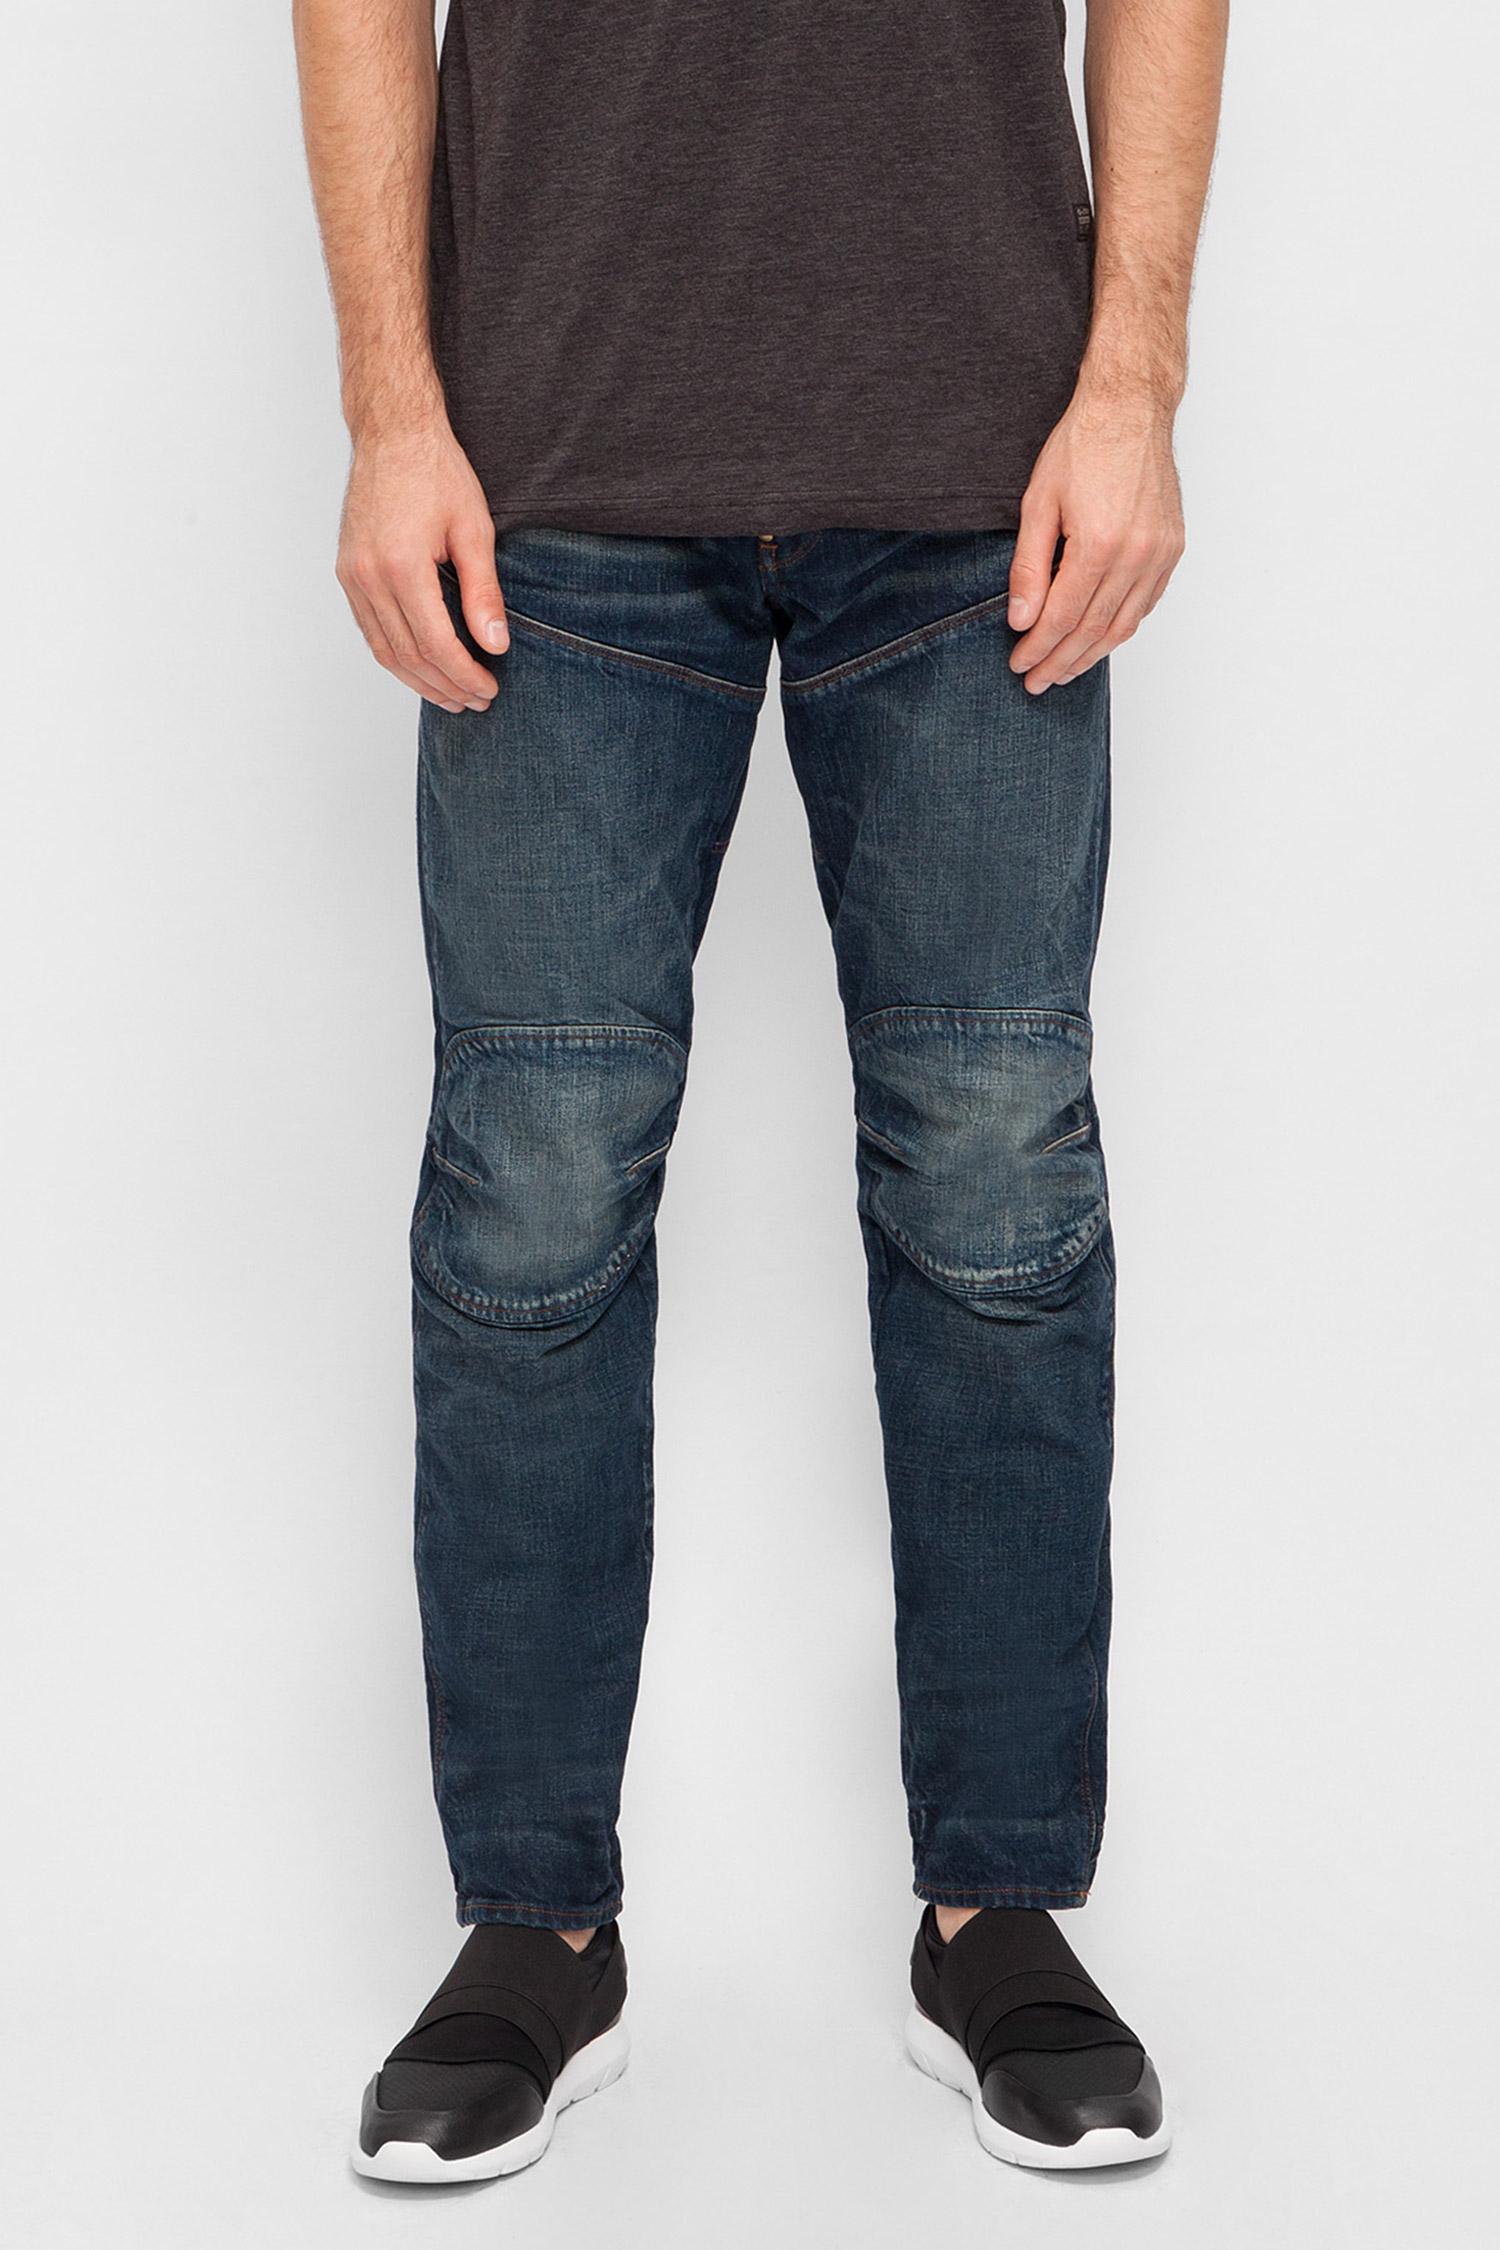 Купить Мужские синие джинсы 3D Tapered G-Star RAW G-Star RAW D01517,8595 – Киев, Украина. Цены в интернет магазине MD Fashion